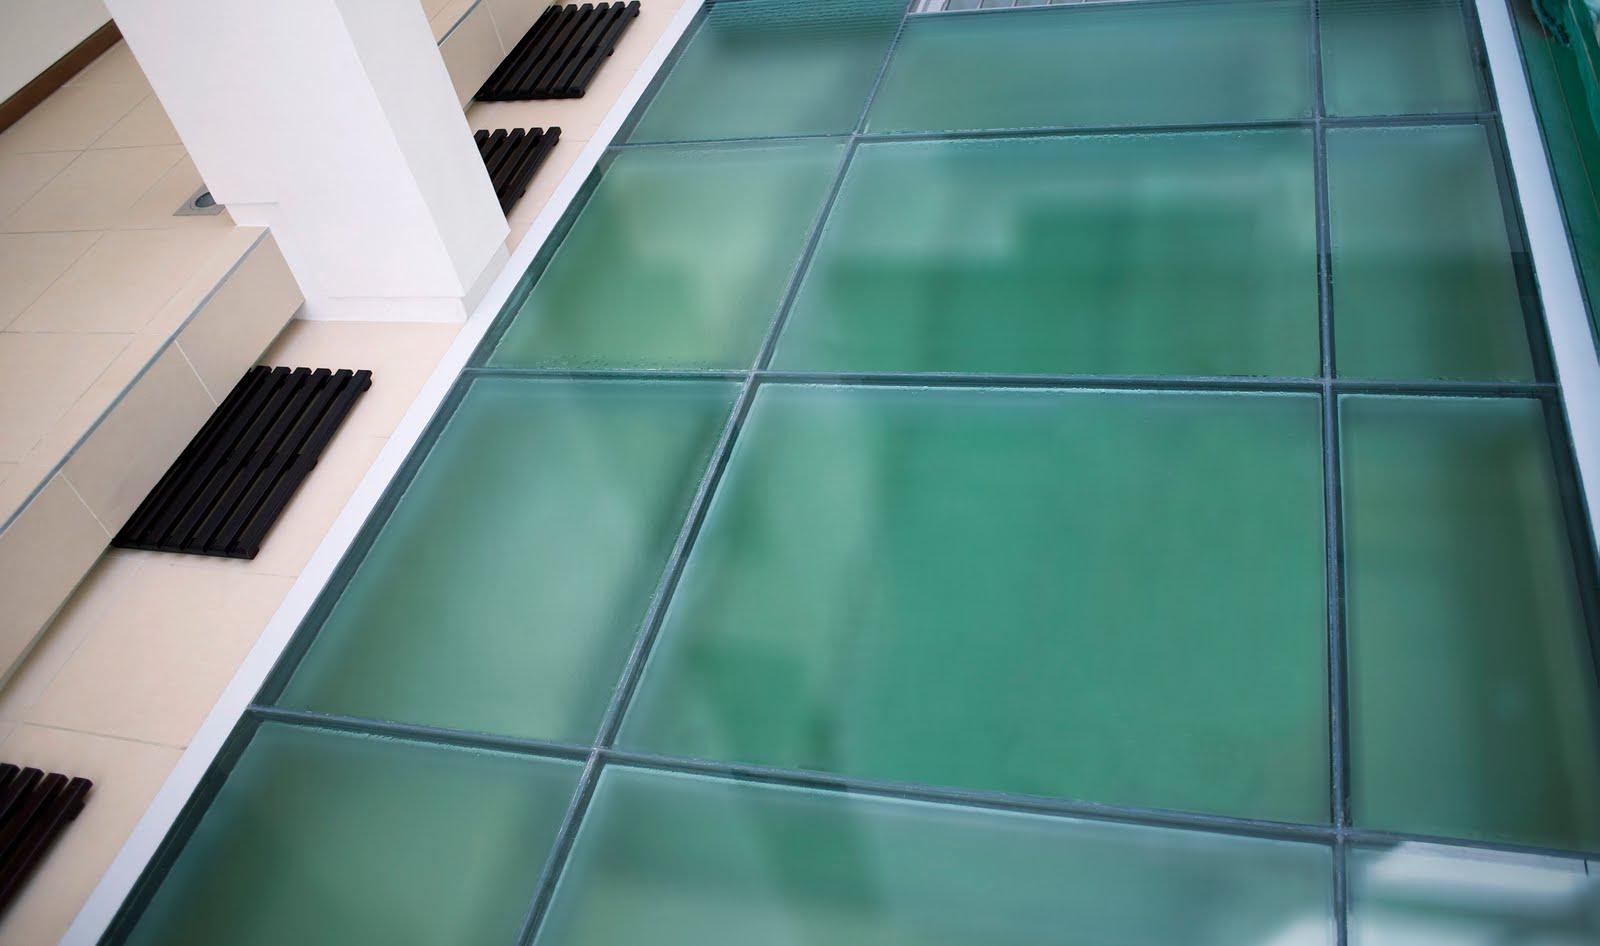 glass floor. Black Bedroom Furniture Sets. Home Design Ideas